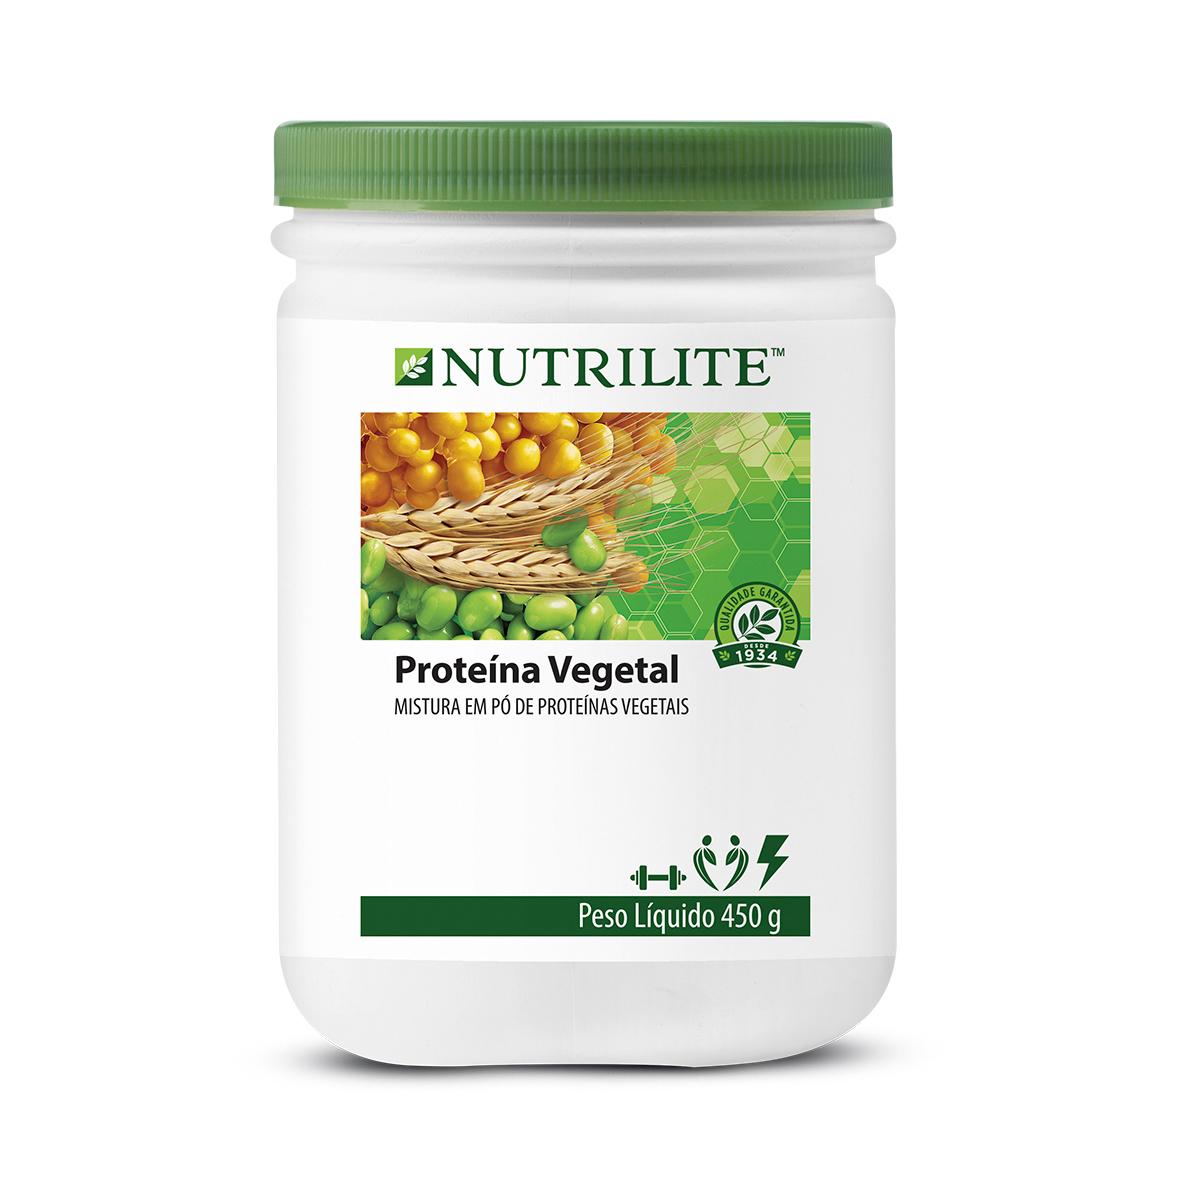 Proteina Vegetal em Pó - Nutrilite